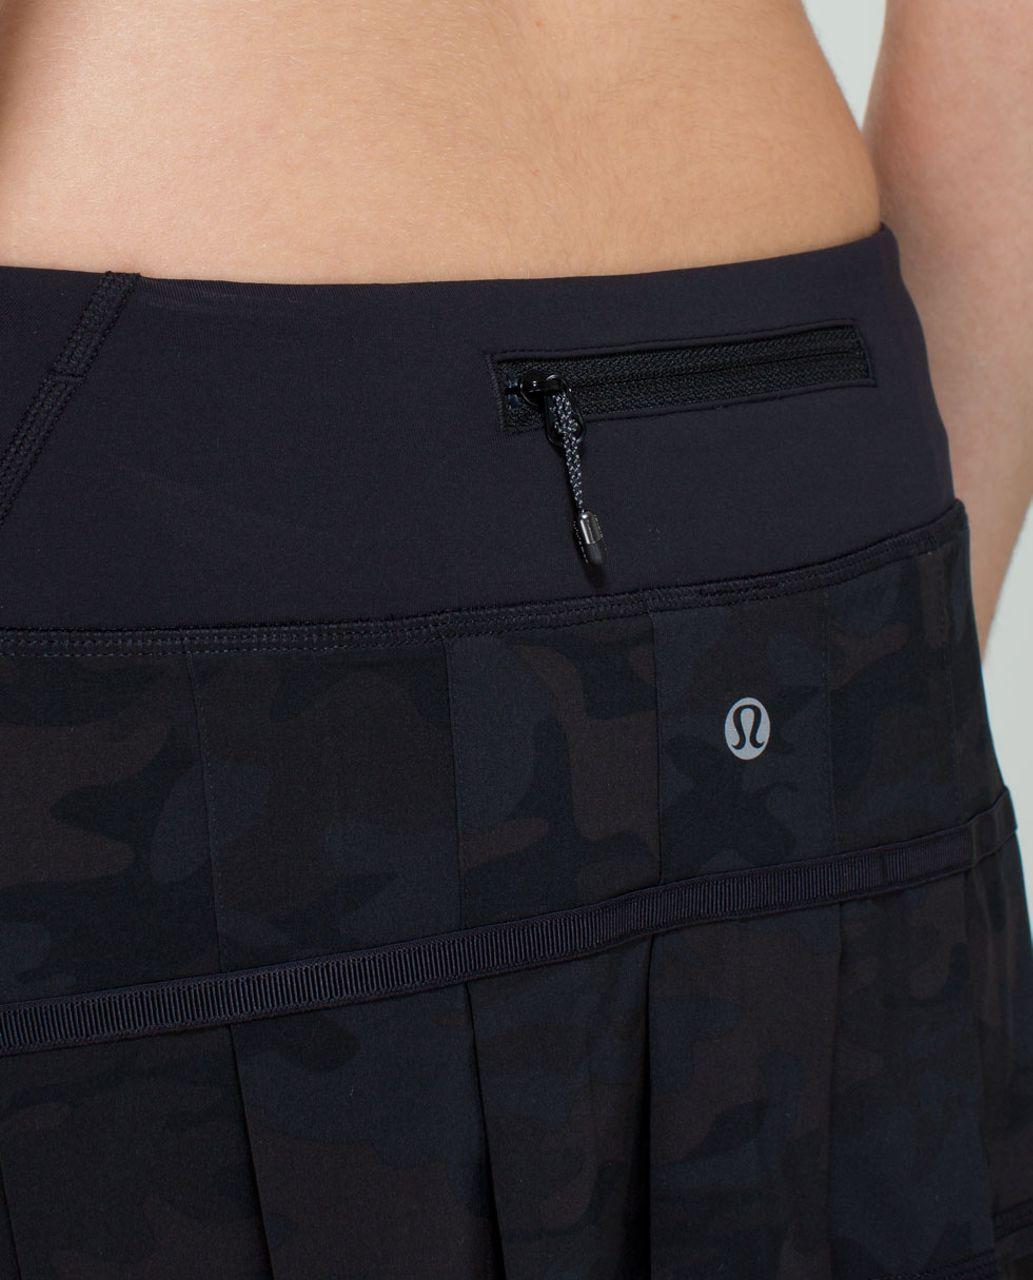 7b83a6c9b Lululemon Run: Pace Setter Skirt (Tall) *4-way Stretch - Savasana ...